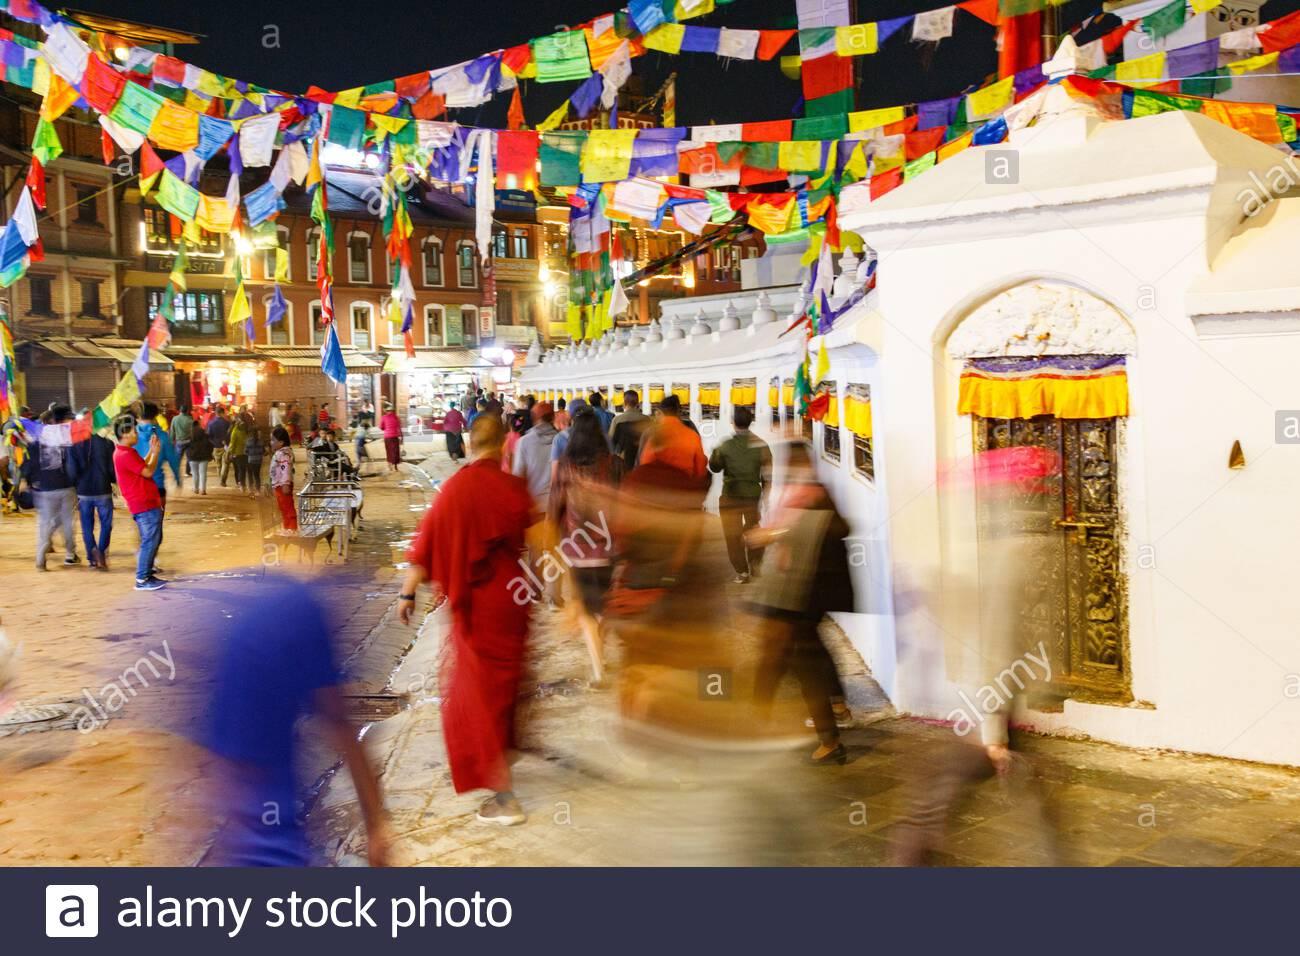 Les dévotés bouddhistes encerclent Boudhanath Stupa à Katmandou Népal - Boudhanath Stupa, Katmandou, , Népal (NP) Banque D'Images